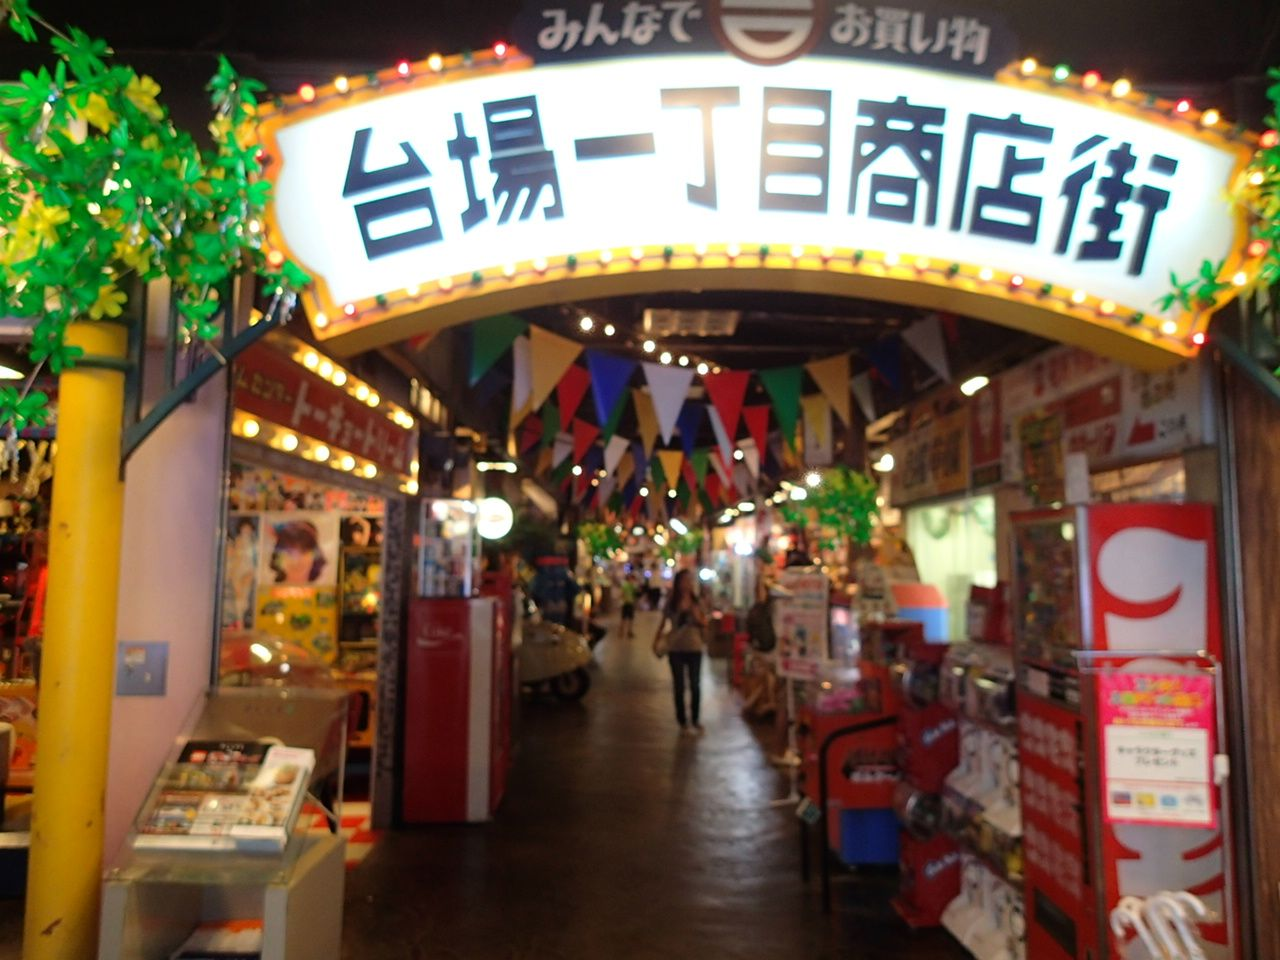 昭和の商店街を楽しもう